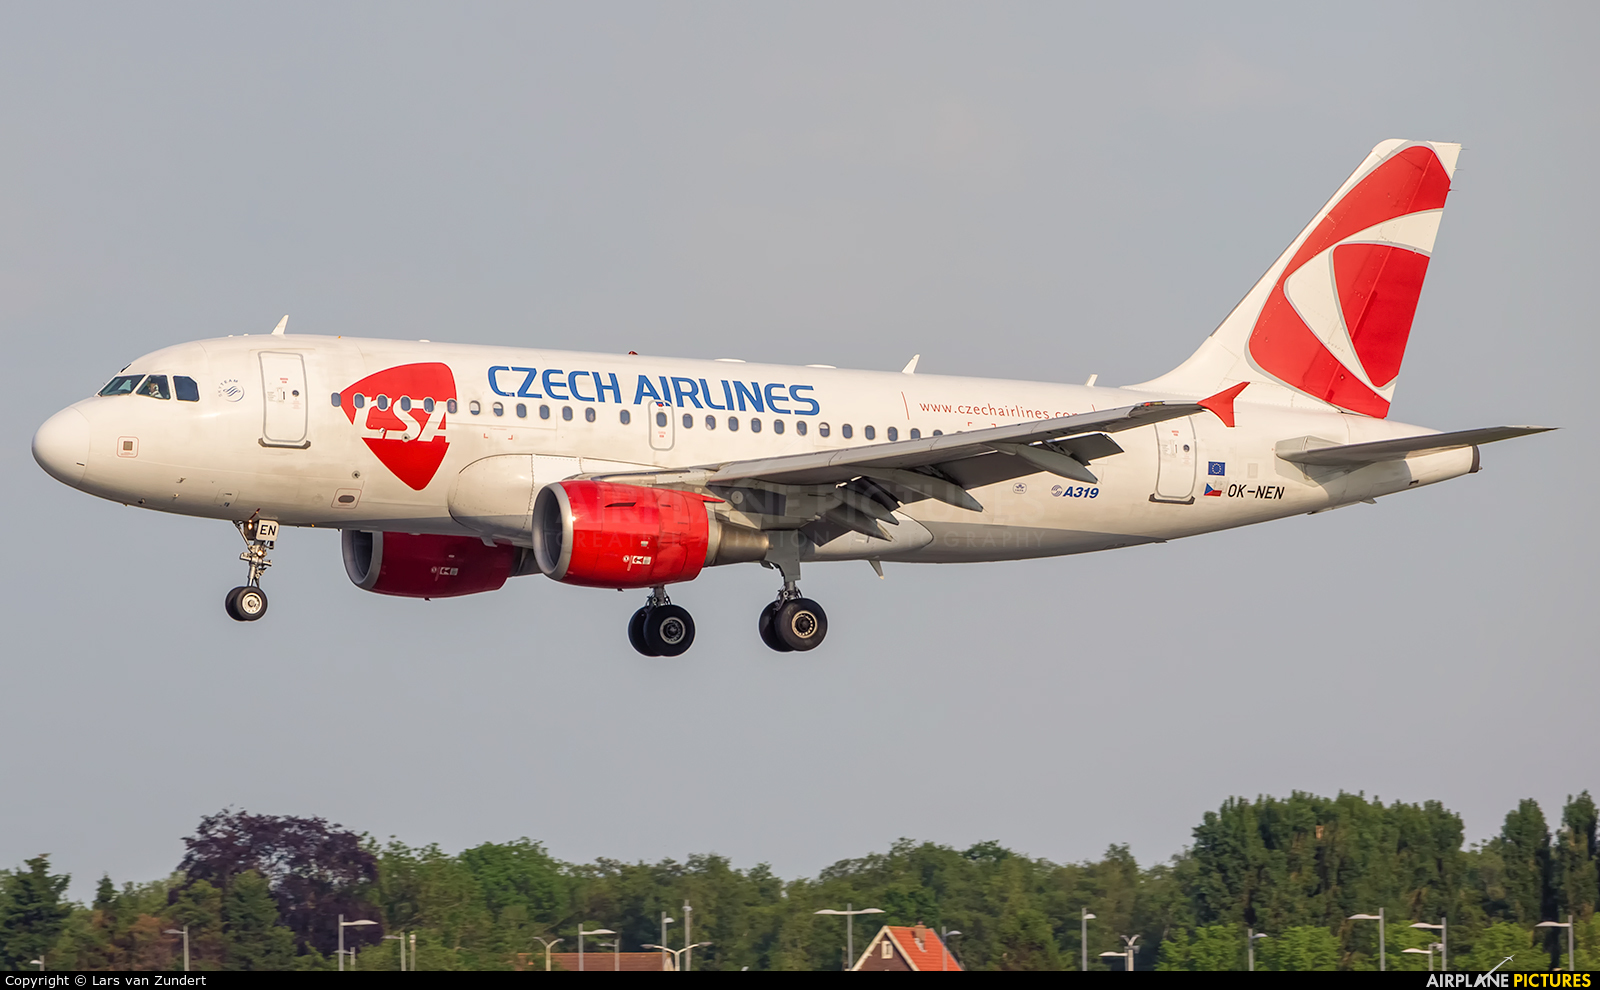 CSA - Czech Airlines OK-NEN aircraft at Amsterdam - Schiphol